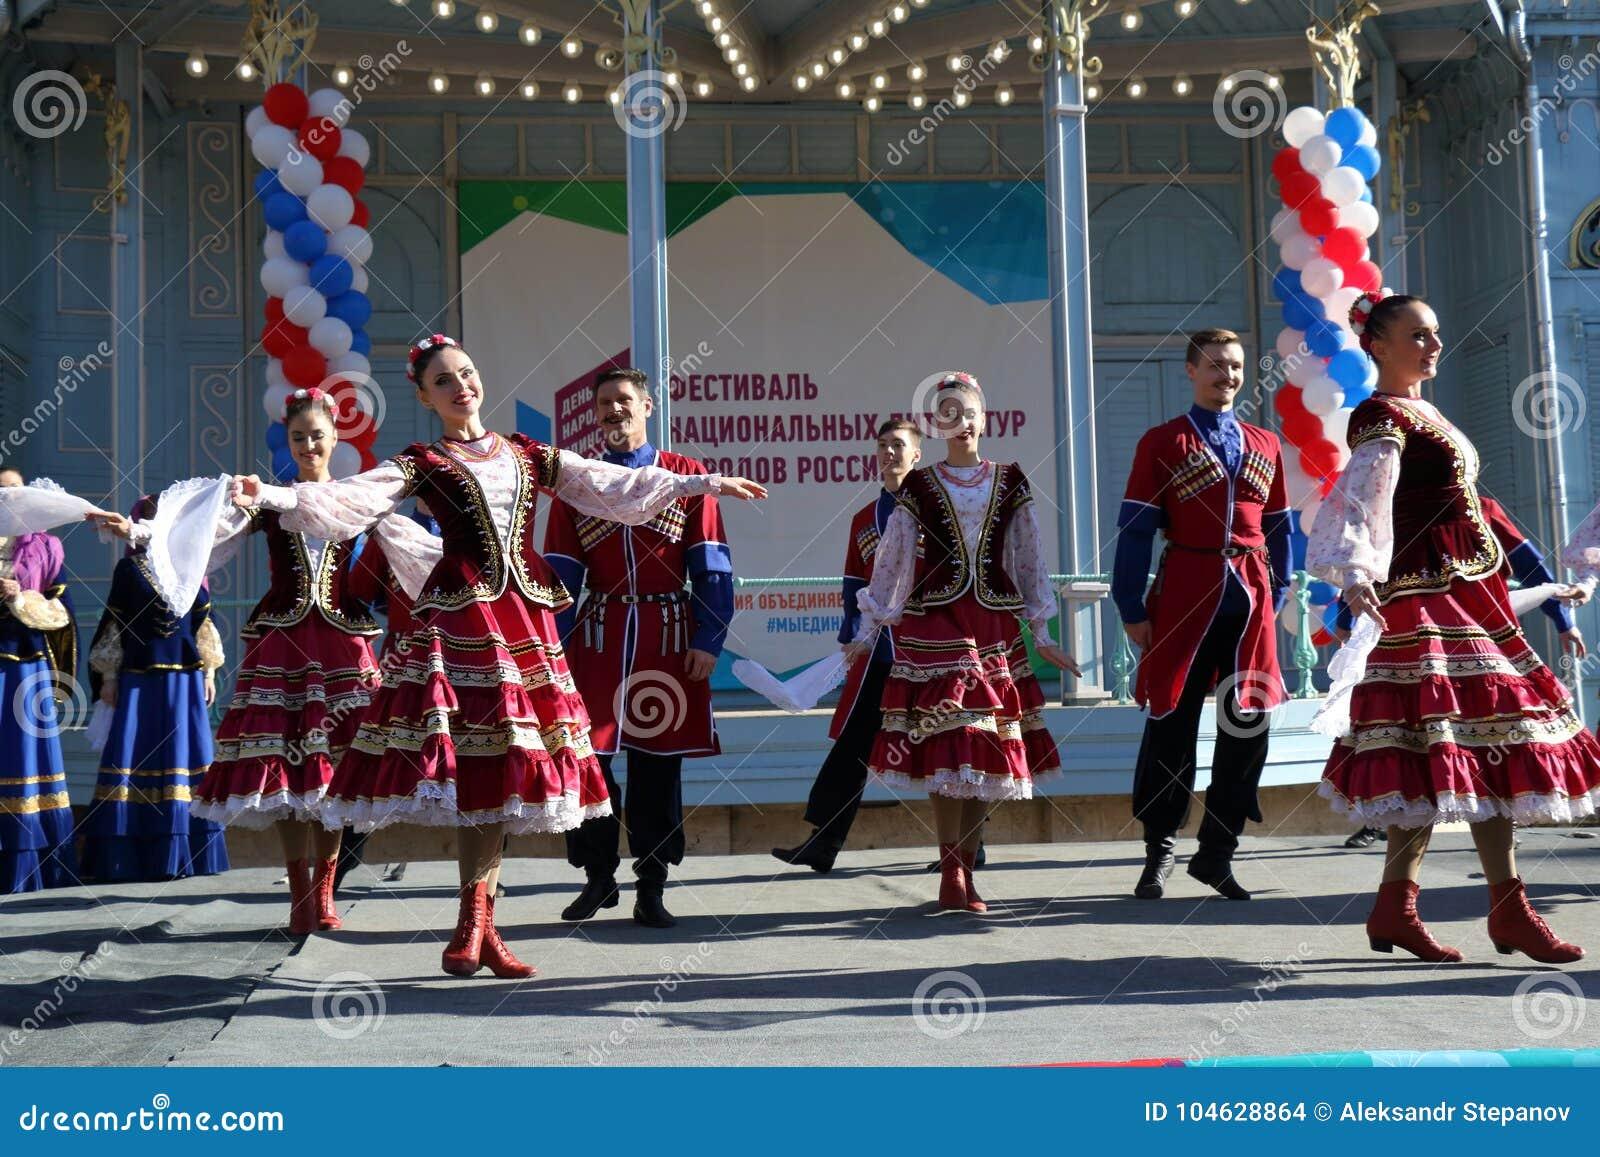 Download De Kozakdans In Traditionele Kleren Pyatigorsk, Rusland Redactionele Stock Afbeelding - Afbeelding bestaande uit danser, groep: 104628864